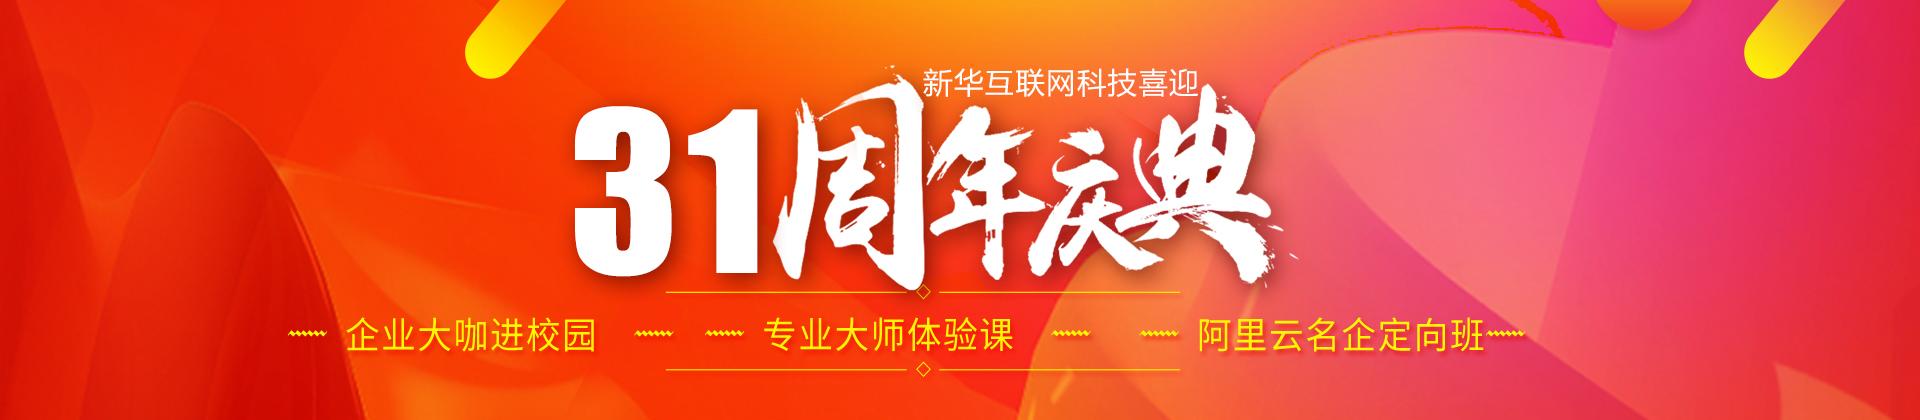 新华31周年庆